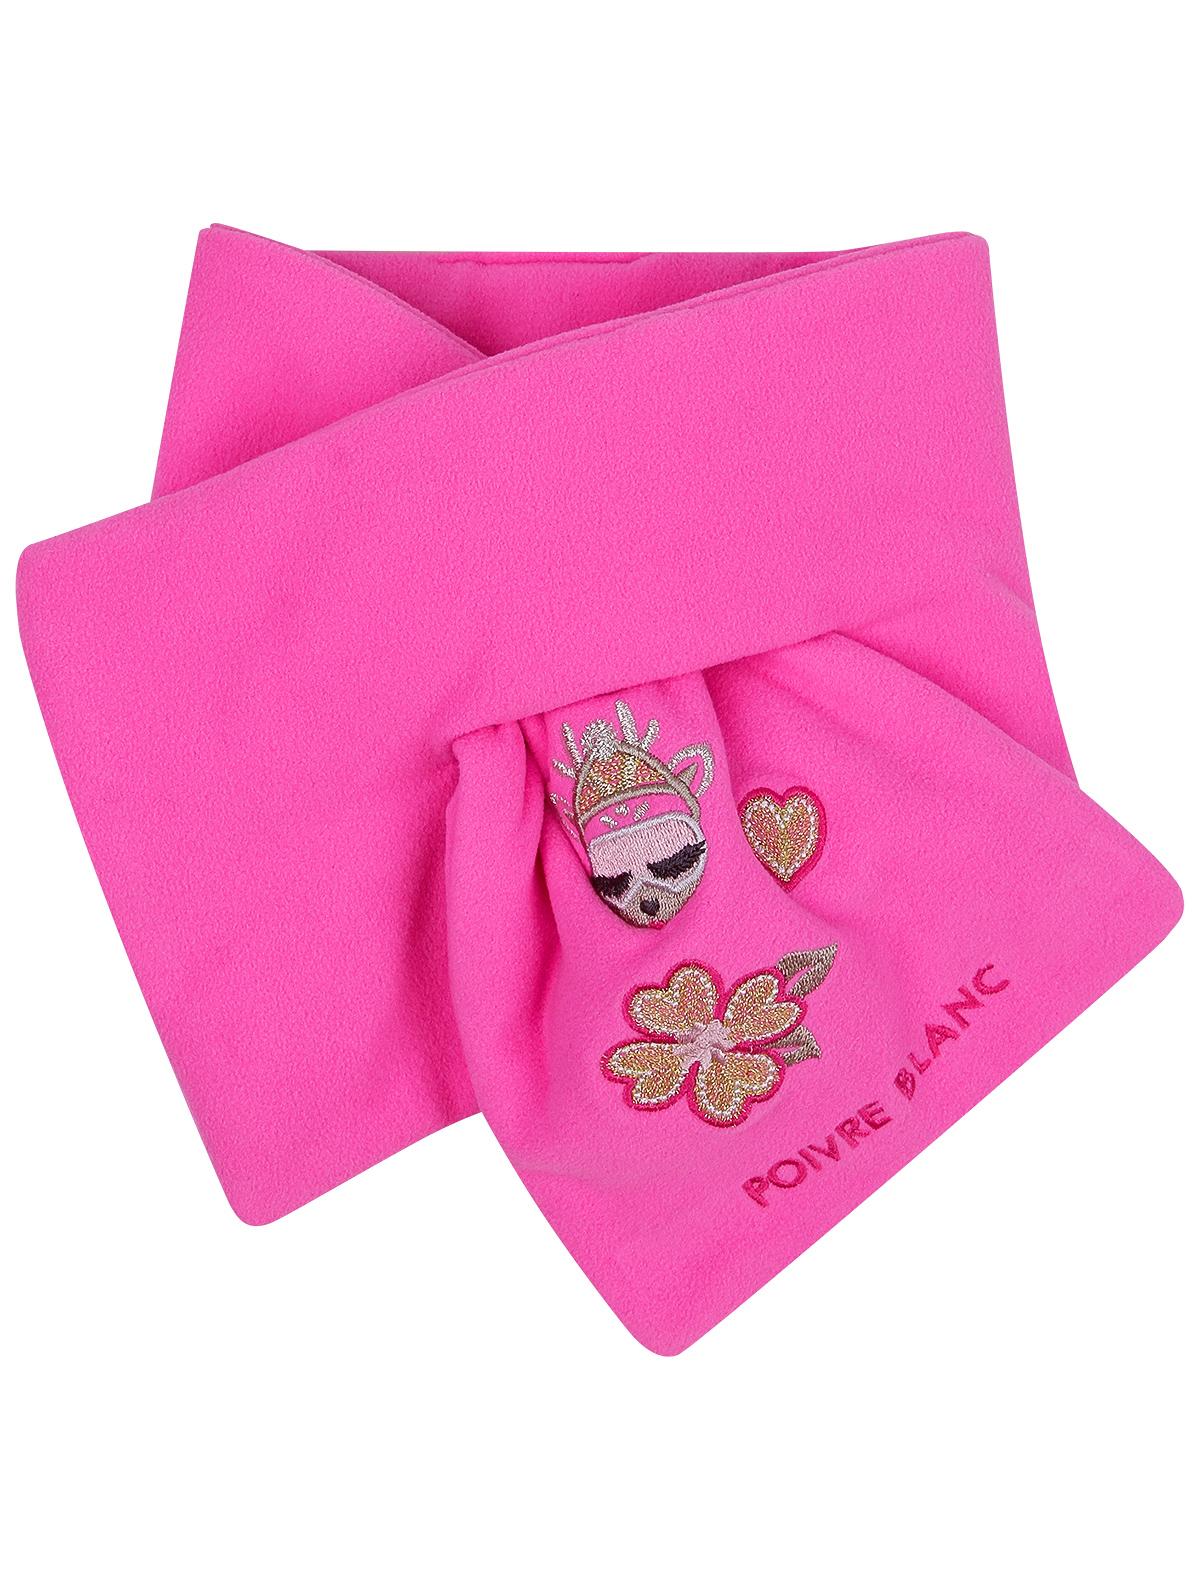 Купить 2237243, Шарф POIVRE BLANC, розовый, Женский, 1224508080053